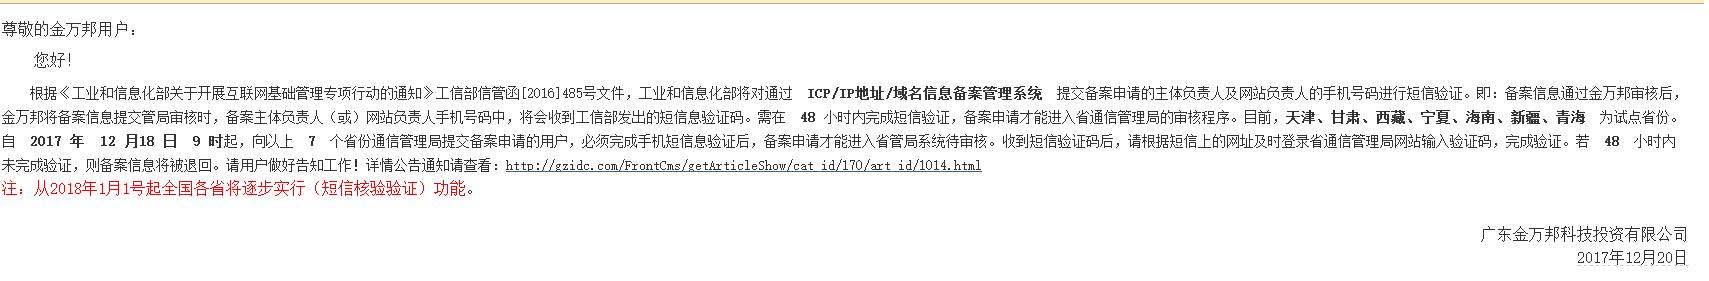 越来越严的ICP备案审核 备案要求手机短信认证啦插图1